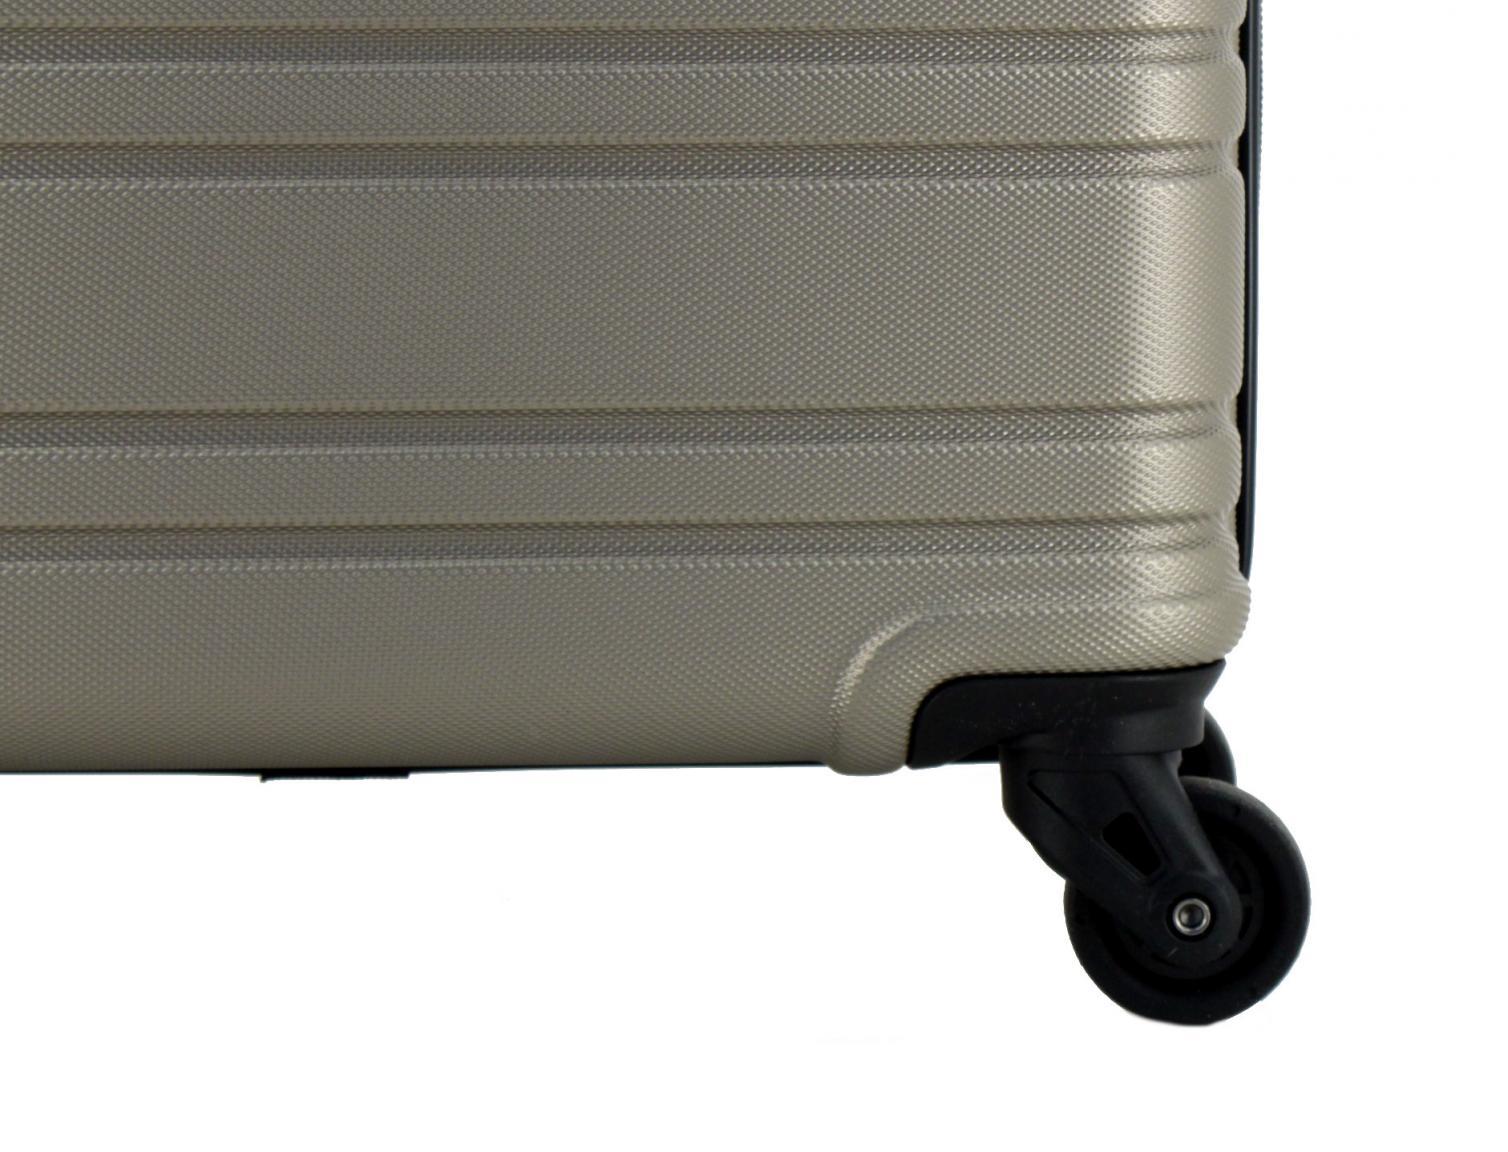 Flugkoffer schwarz Travelite Roadtrip 77cm ABS Hartschale 4-Rad